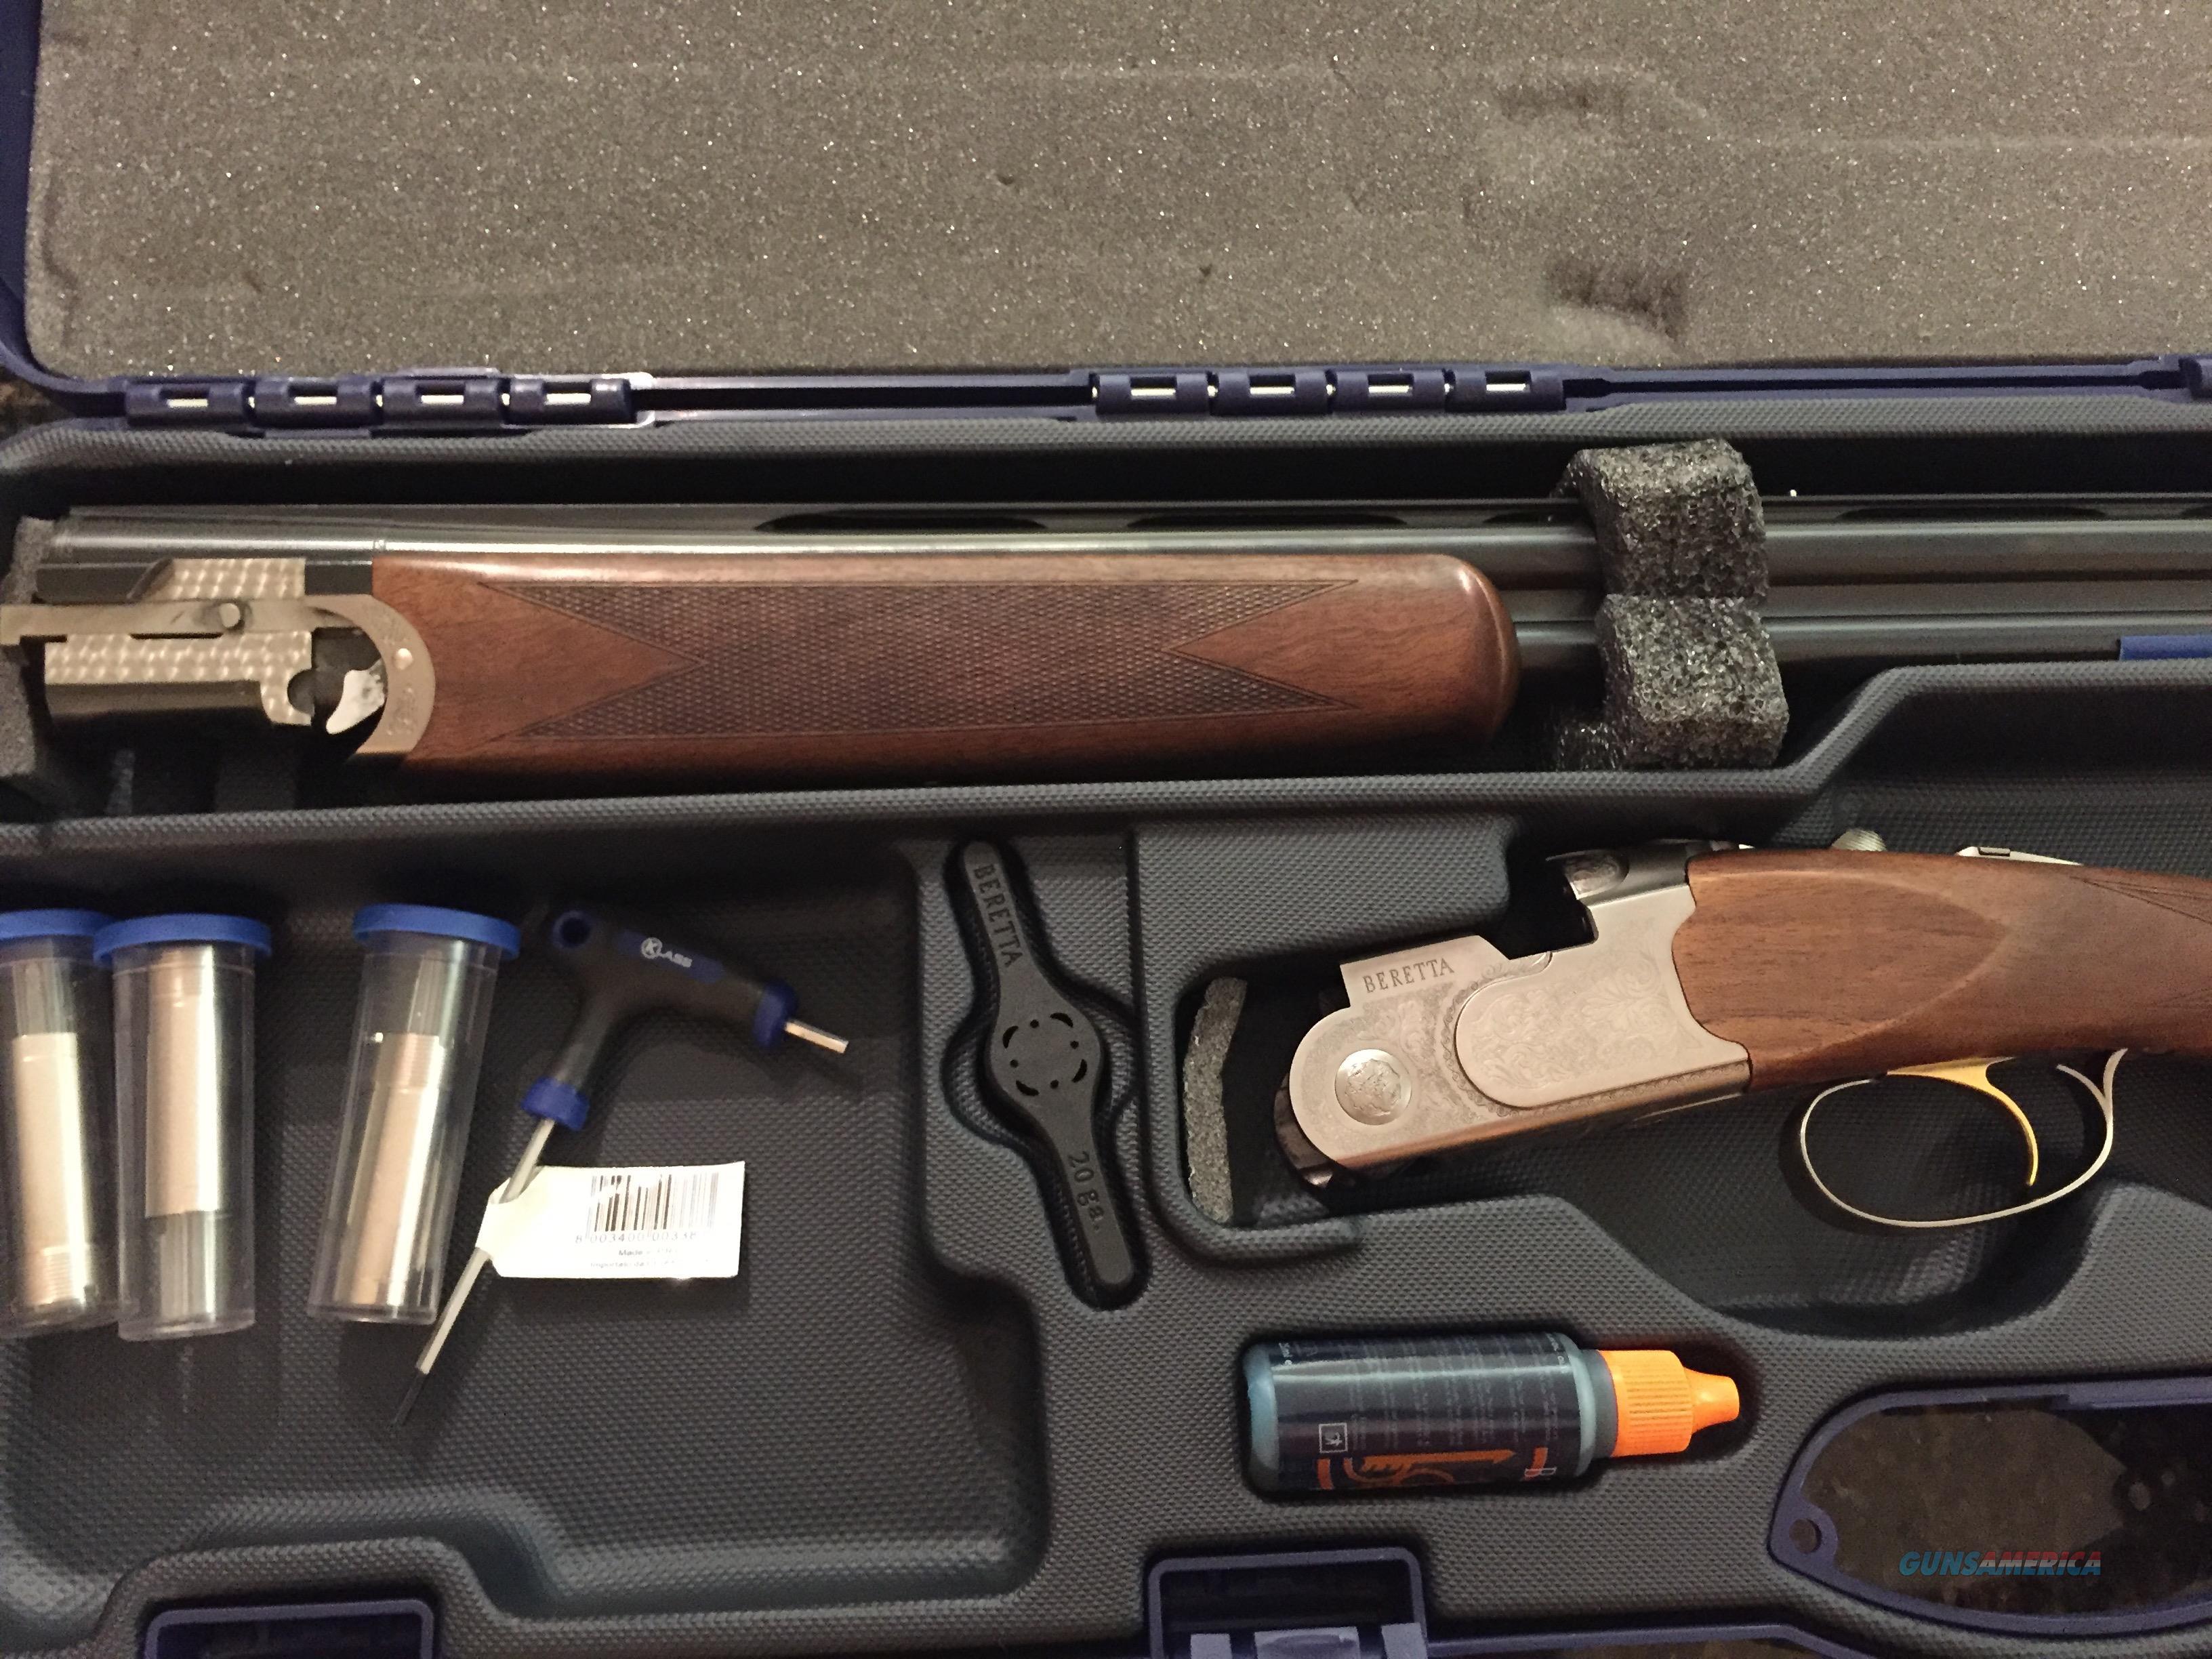 Beretta 686 Silver Pigeon 1 Sporting20 Gauge Guns Shotguns